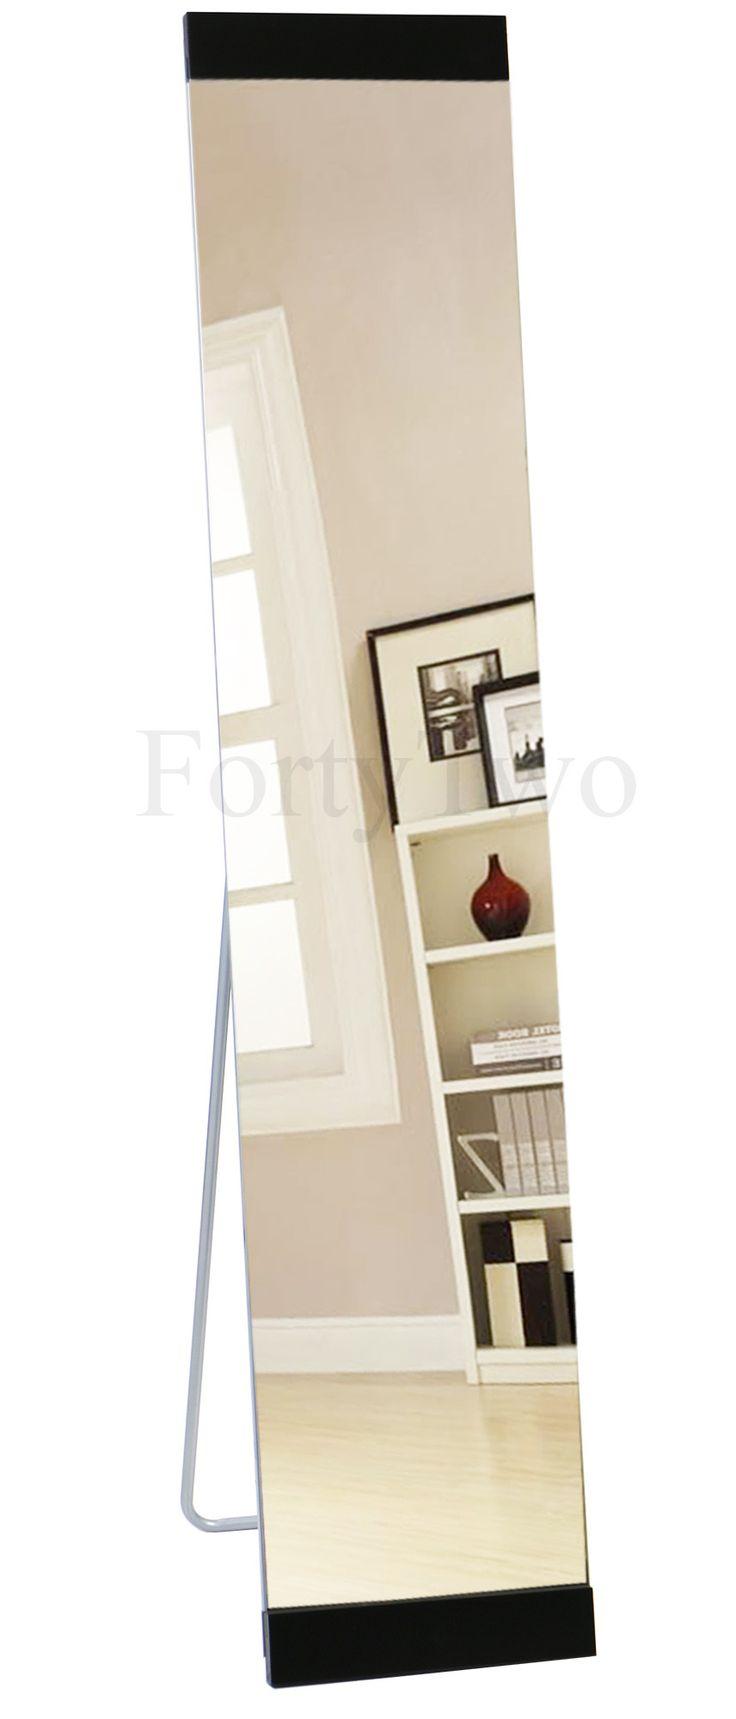 95 best Furniture images on Pinterest | Bedroom decor, Microwave ...